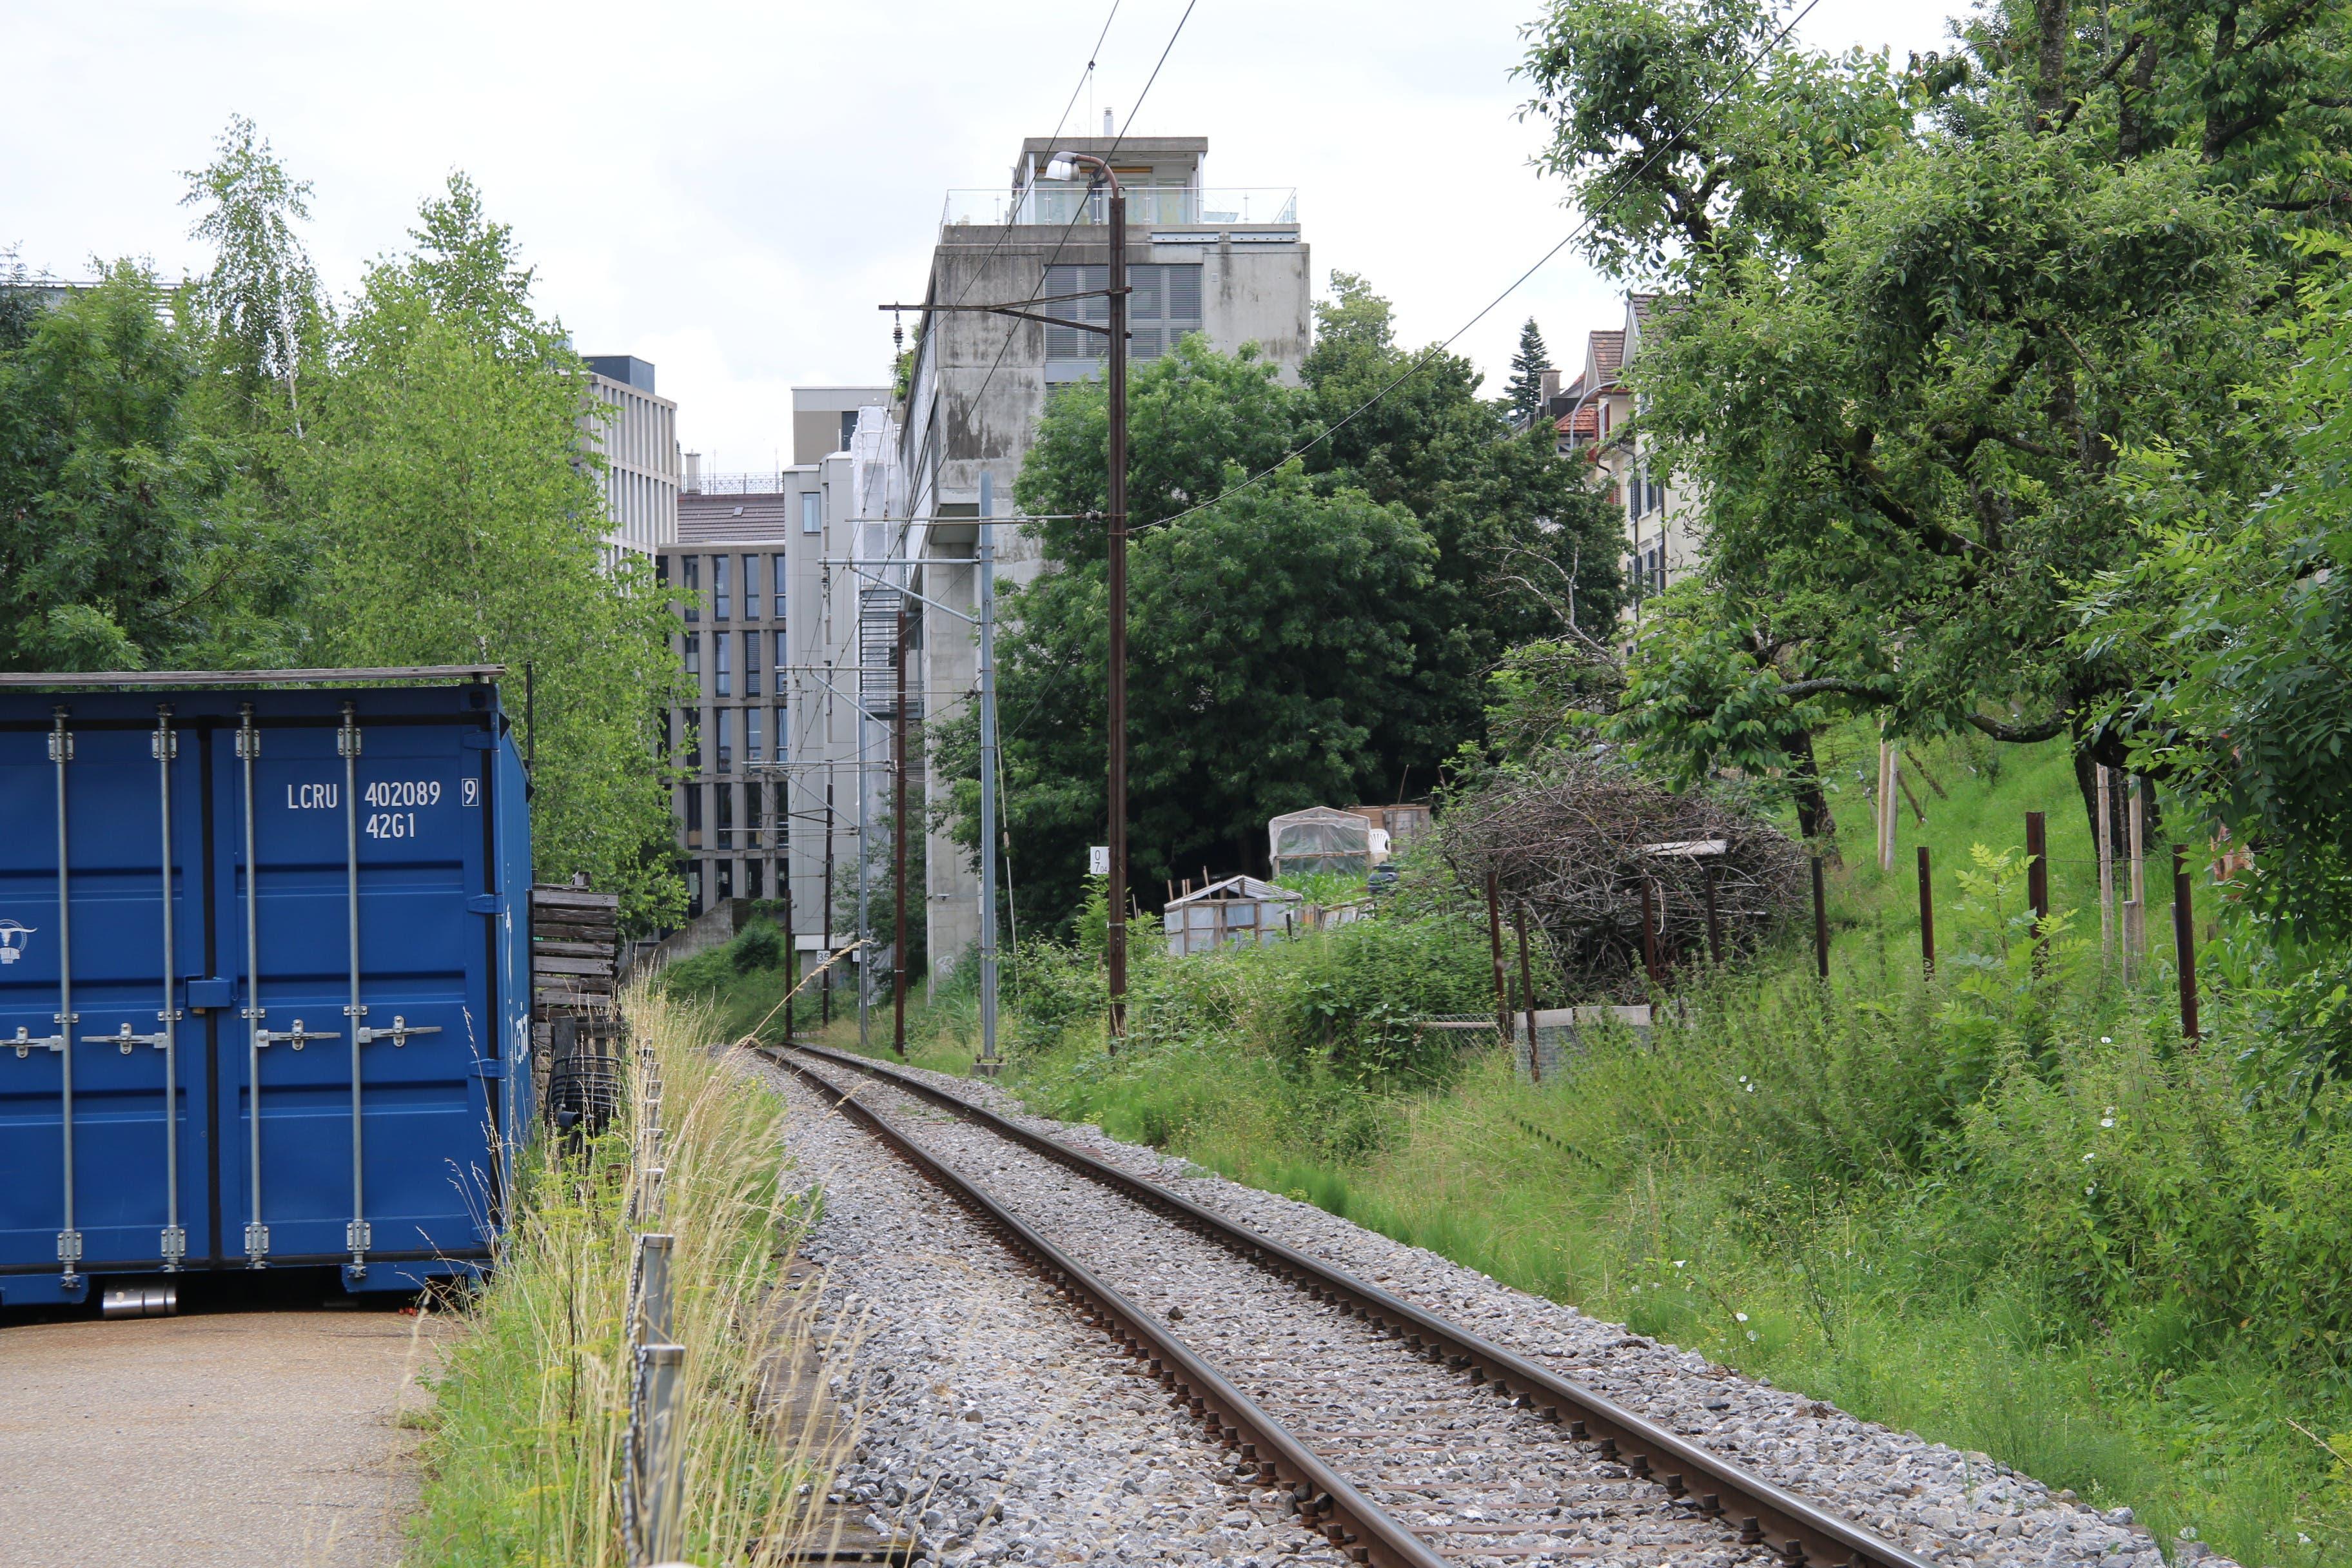 Heute führen die Gleise der Appenzeller Bahnen am Südrand des alten Güterbahnhofs entlang. Sie werden Ende Jahr durch die neue Linienführung ersetzt.